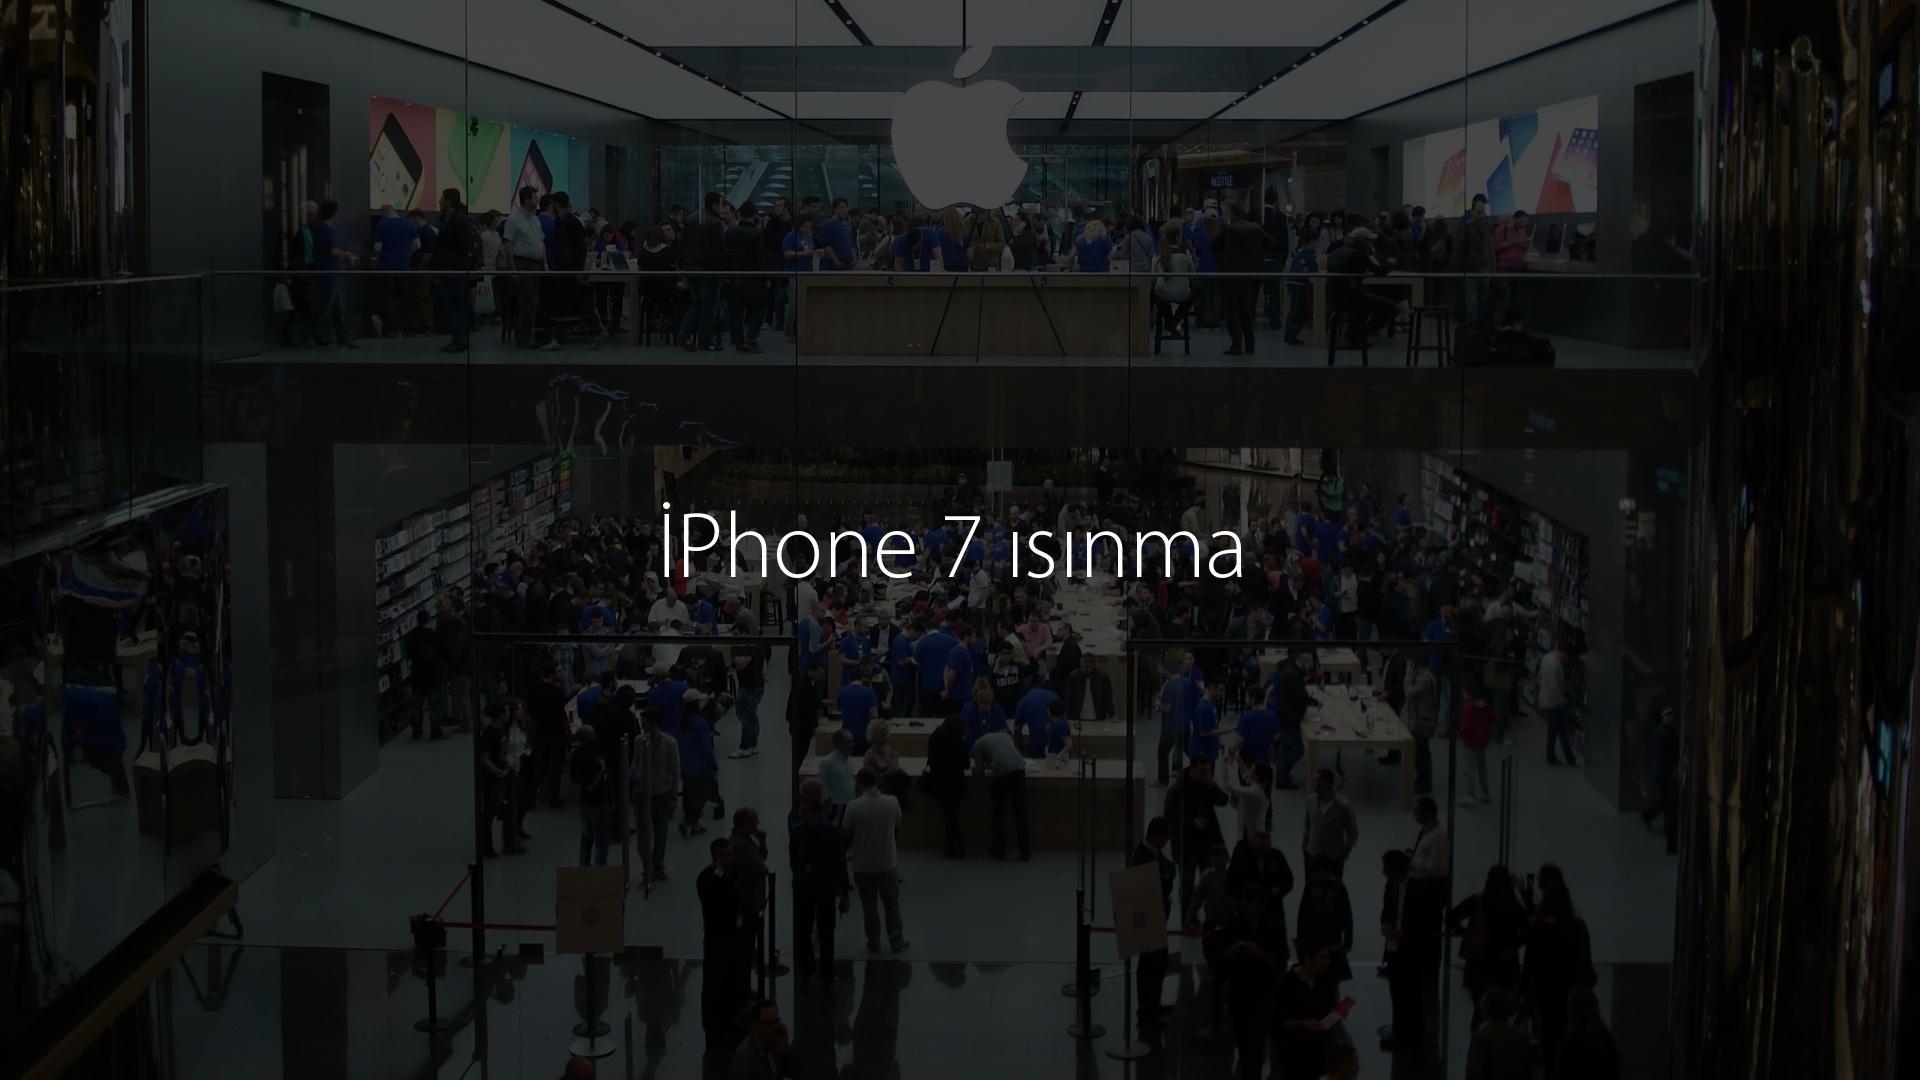 İPhone 7 ısınma